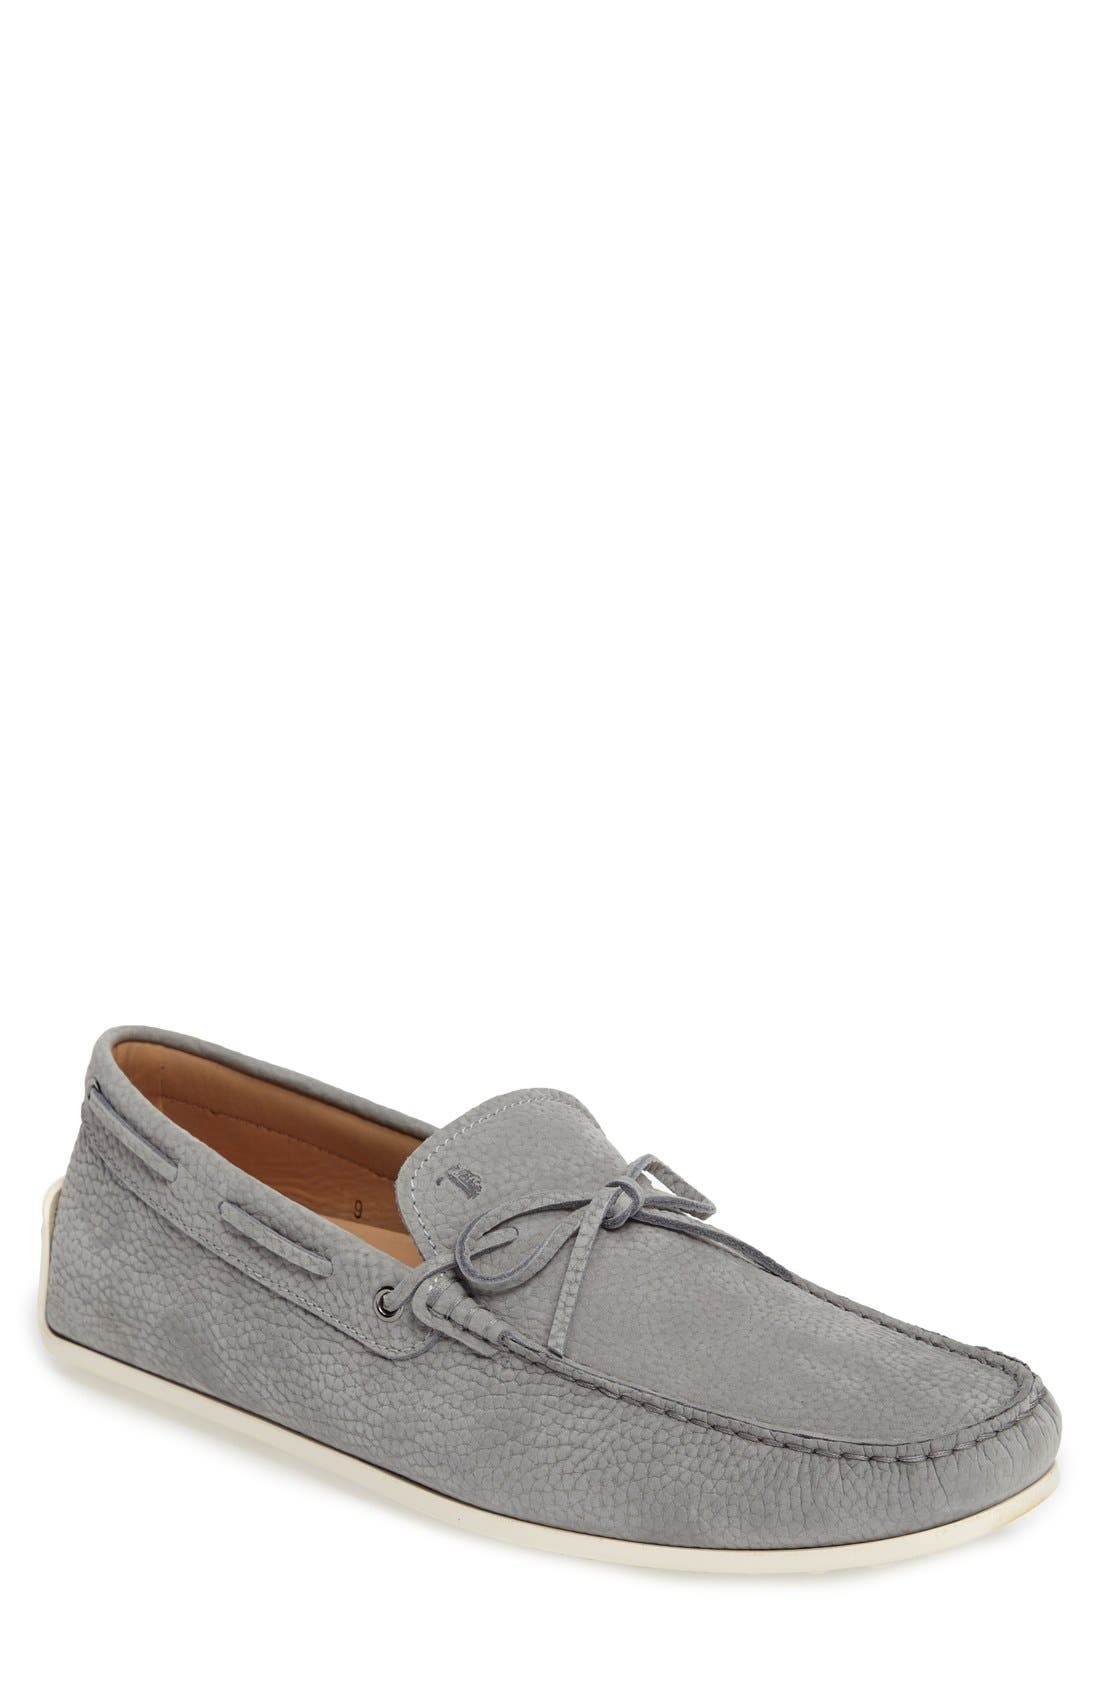 Tods Driving Shoe (Men)